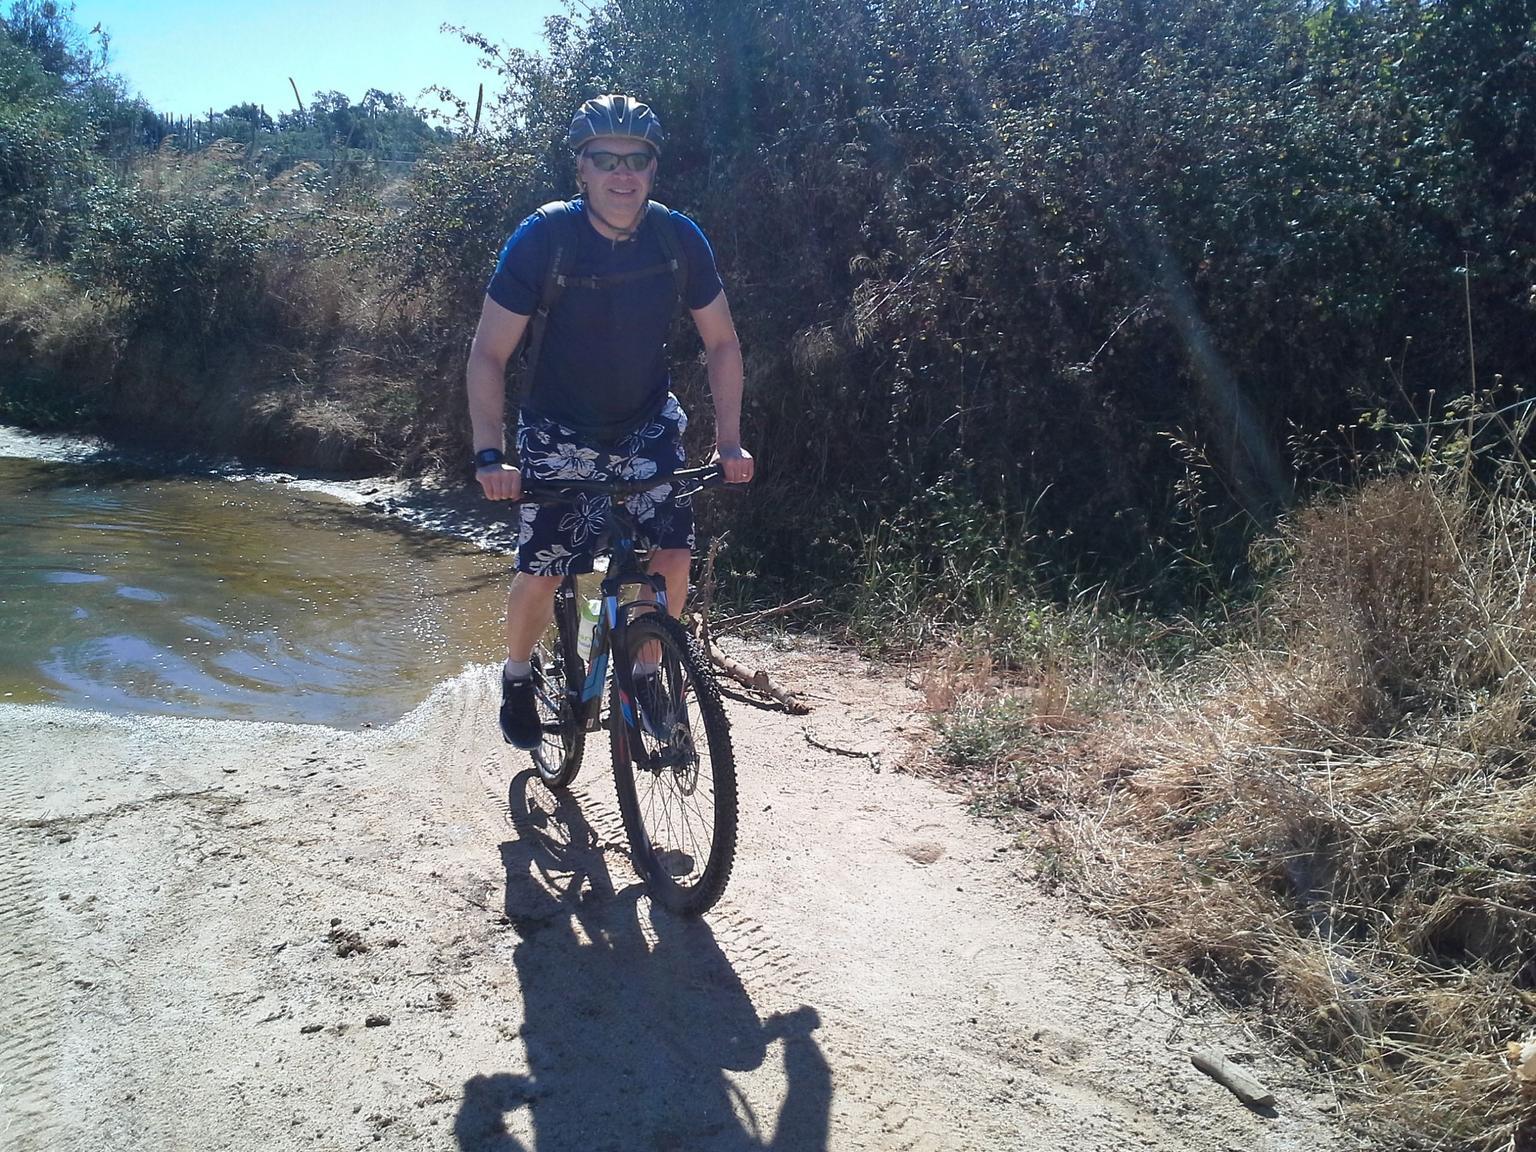 MAIS FOTOS, A costa de Albufeira e excursão de bicicleta na zona rural